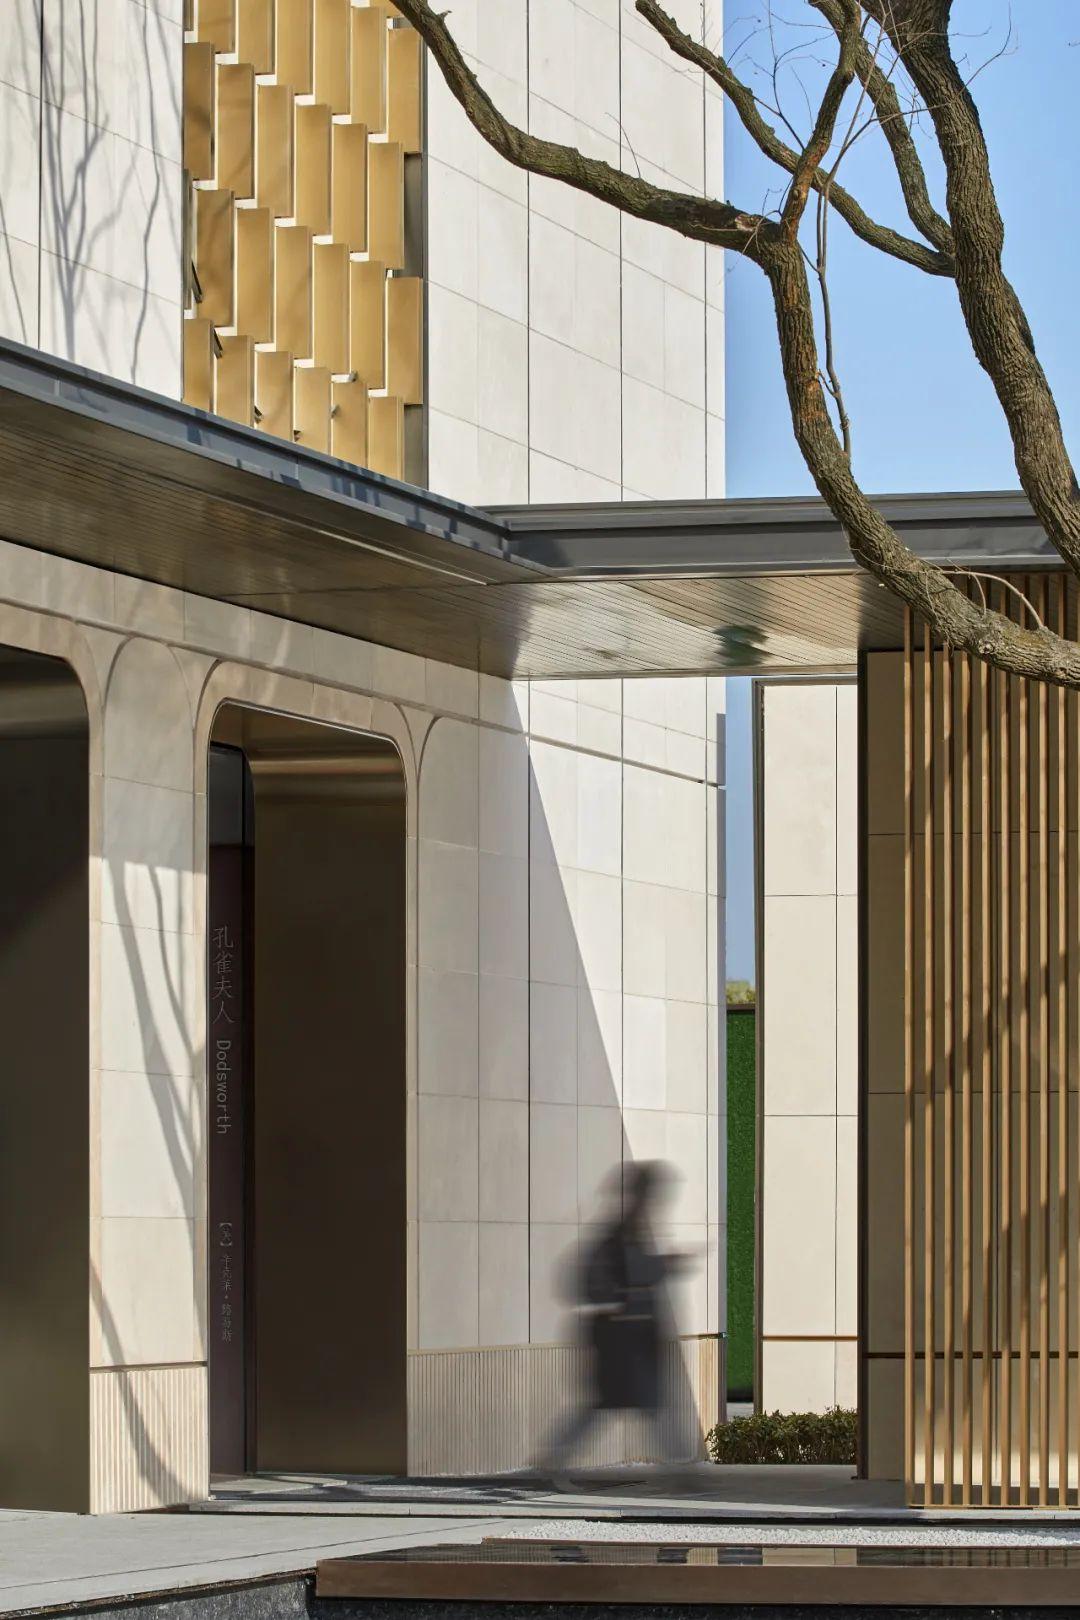 无锡 万科青藤公园 建筑设计 /  致逸设计